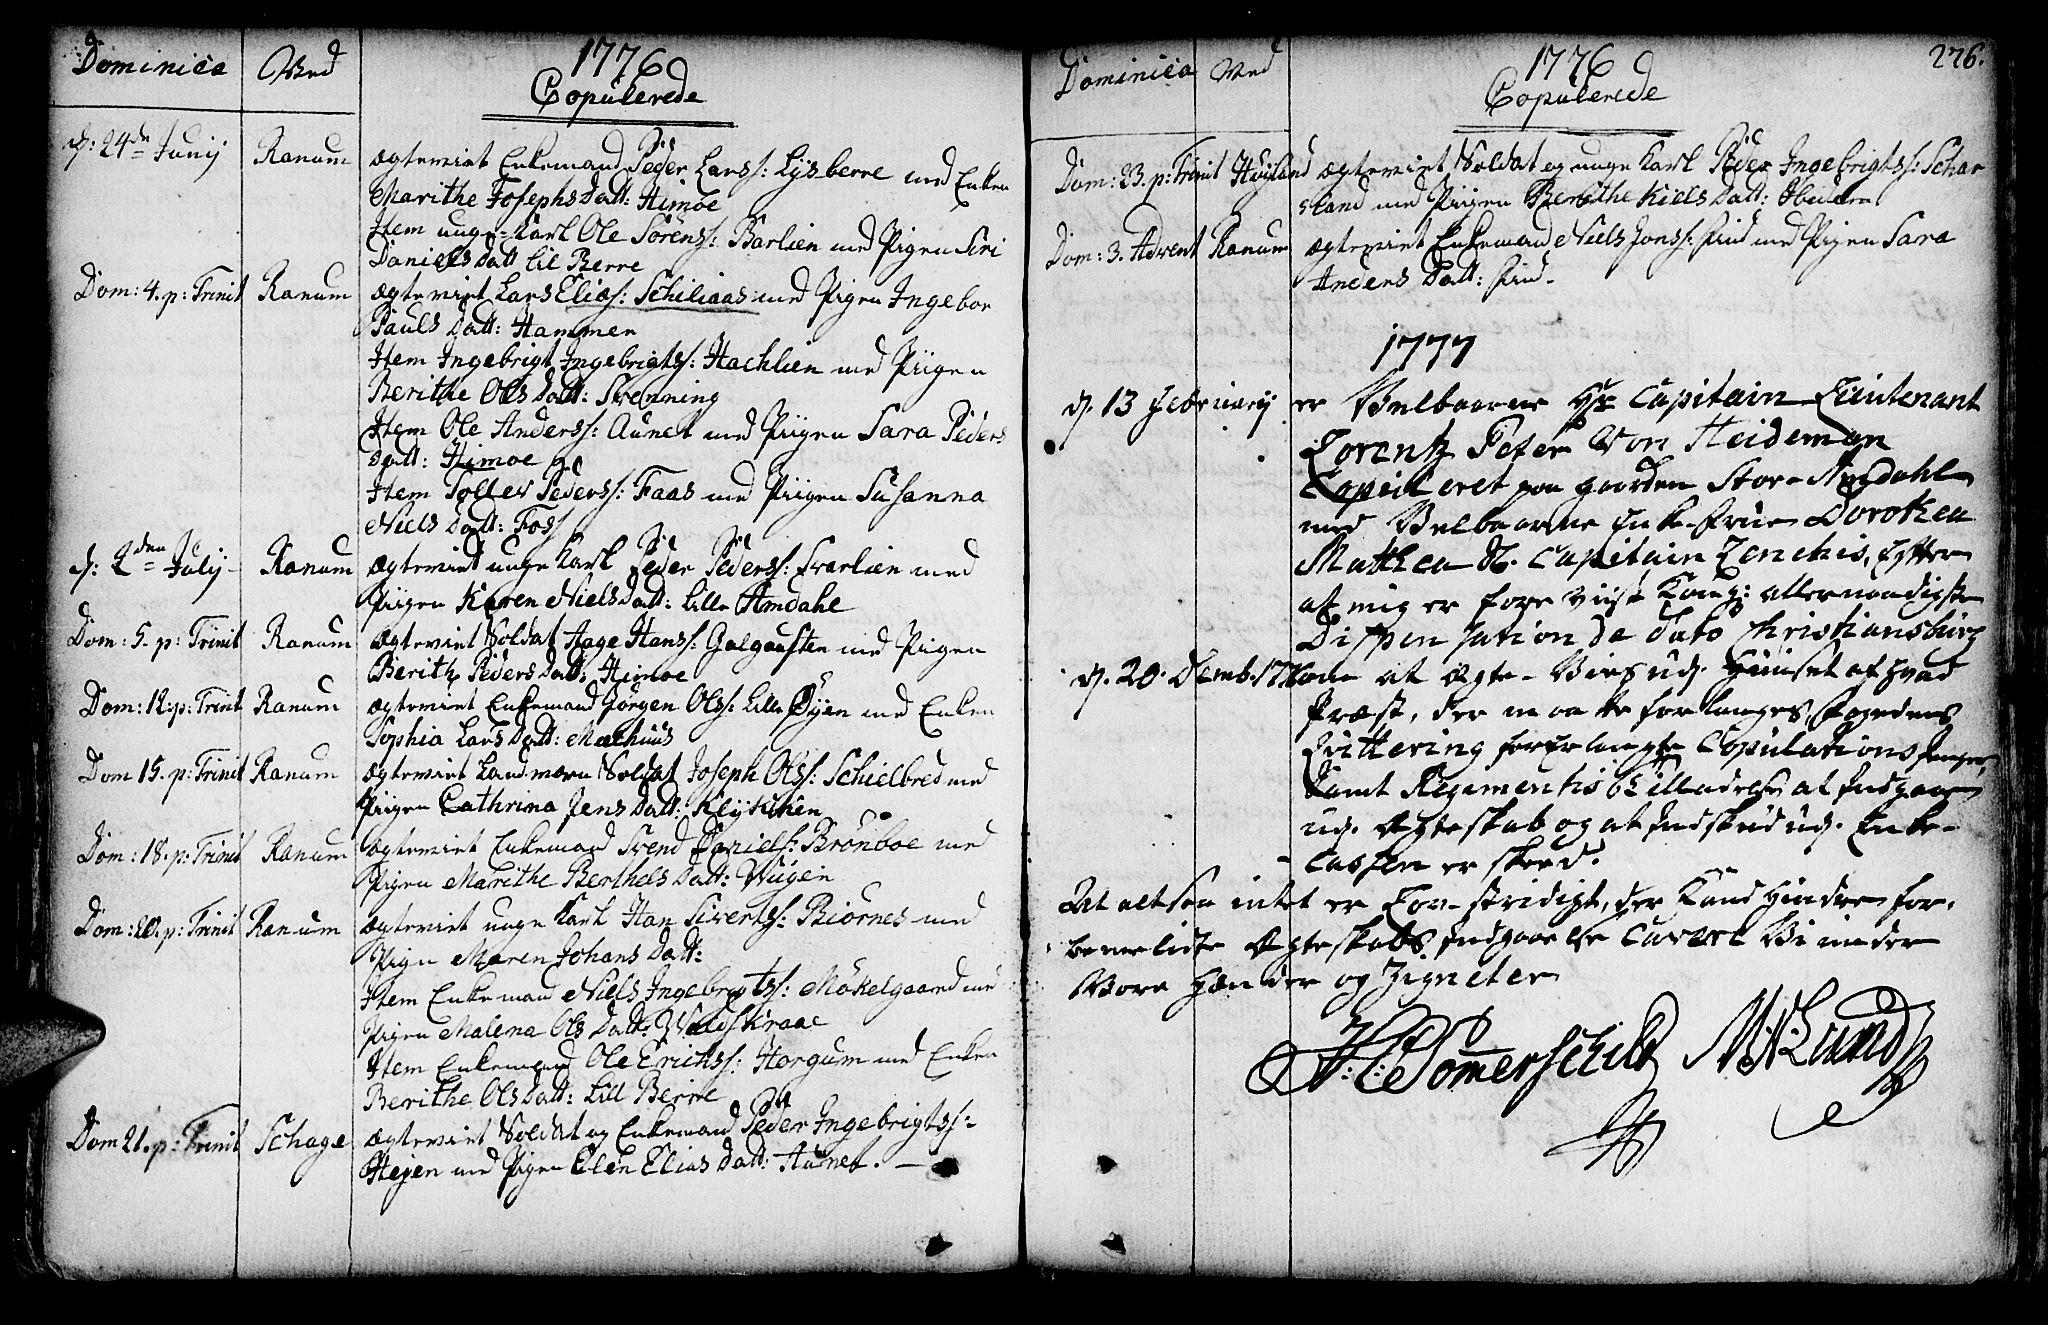 SAT, Ministerialprotokoller, klokkerbøker og fødselsregistre - Nord-Trøndelag, 764/L0542: Ministerialbok nr. 764A02, 1748-1779, s. 276